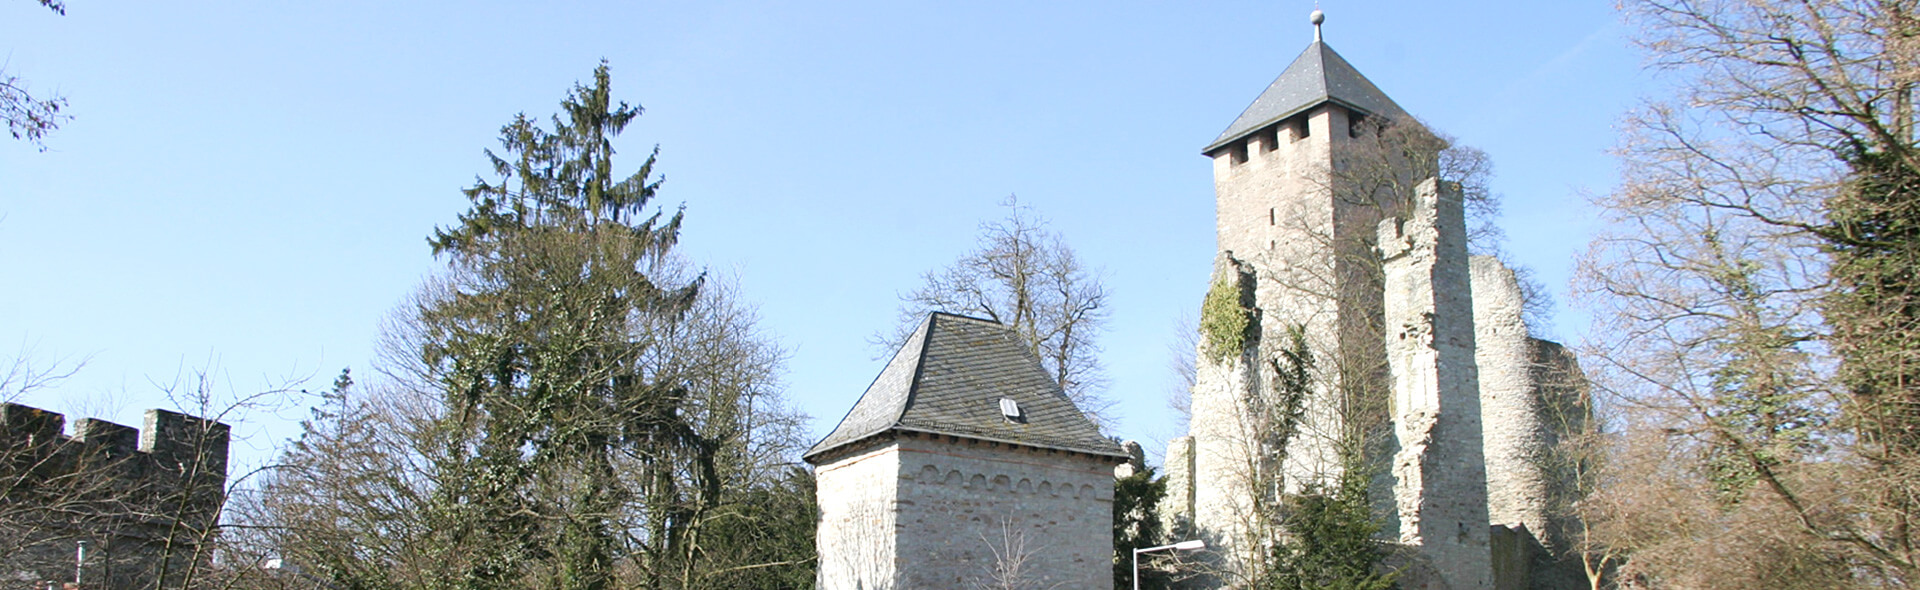 Ort Sonnenberg